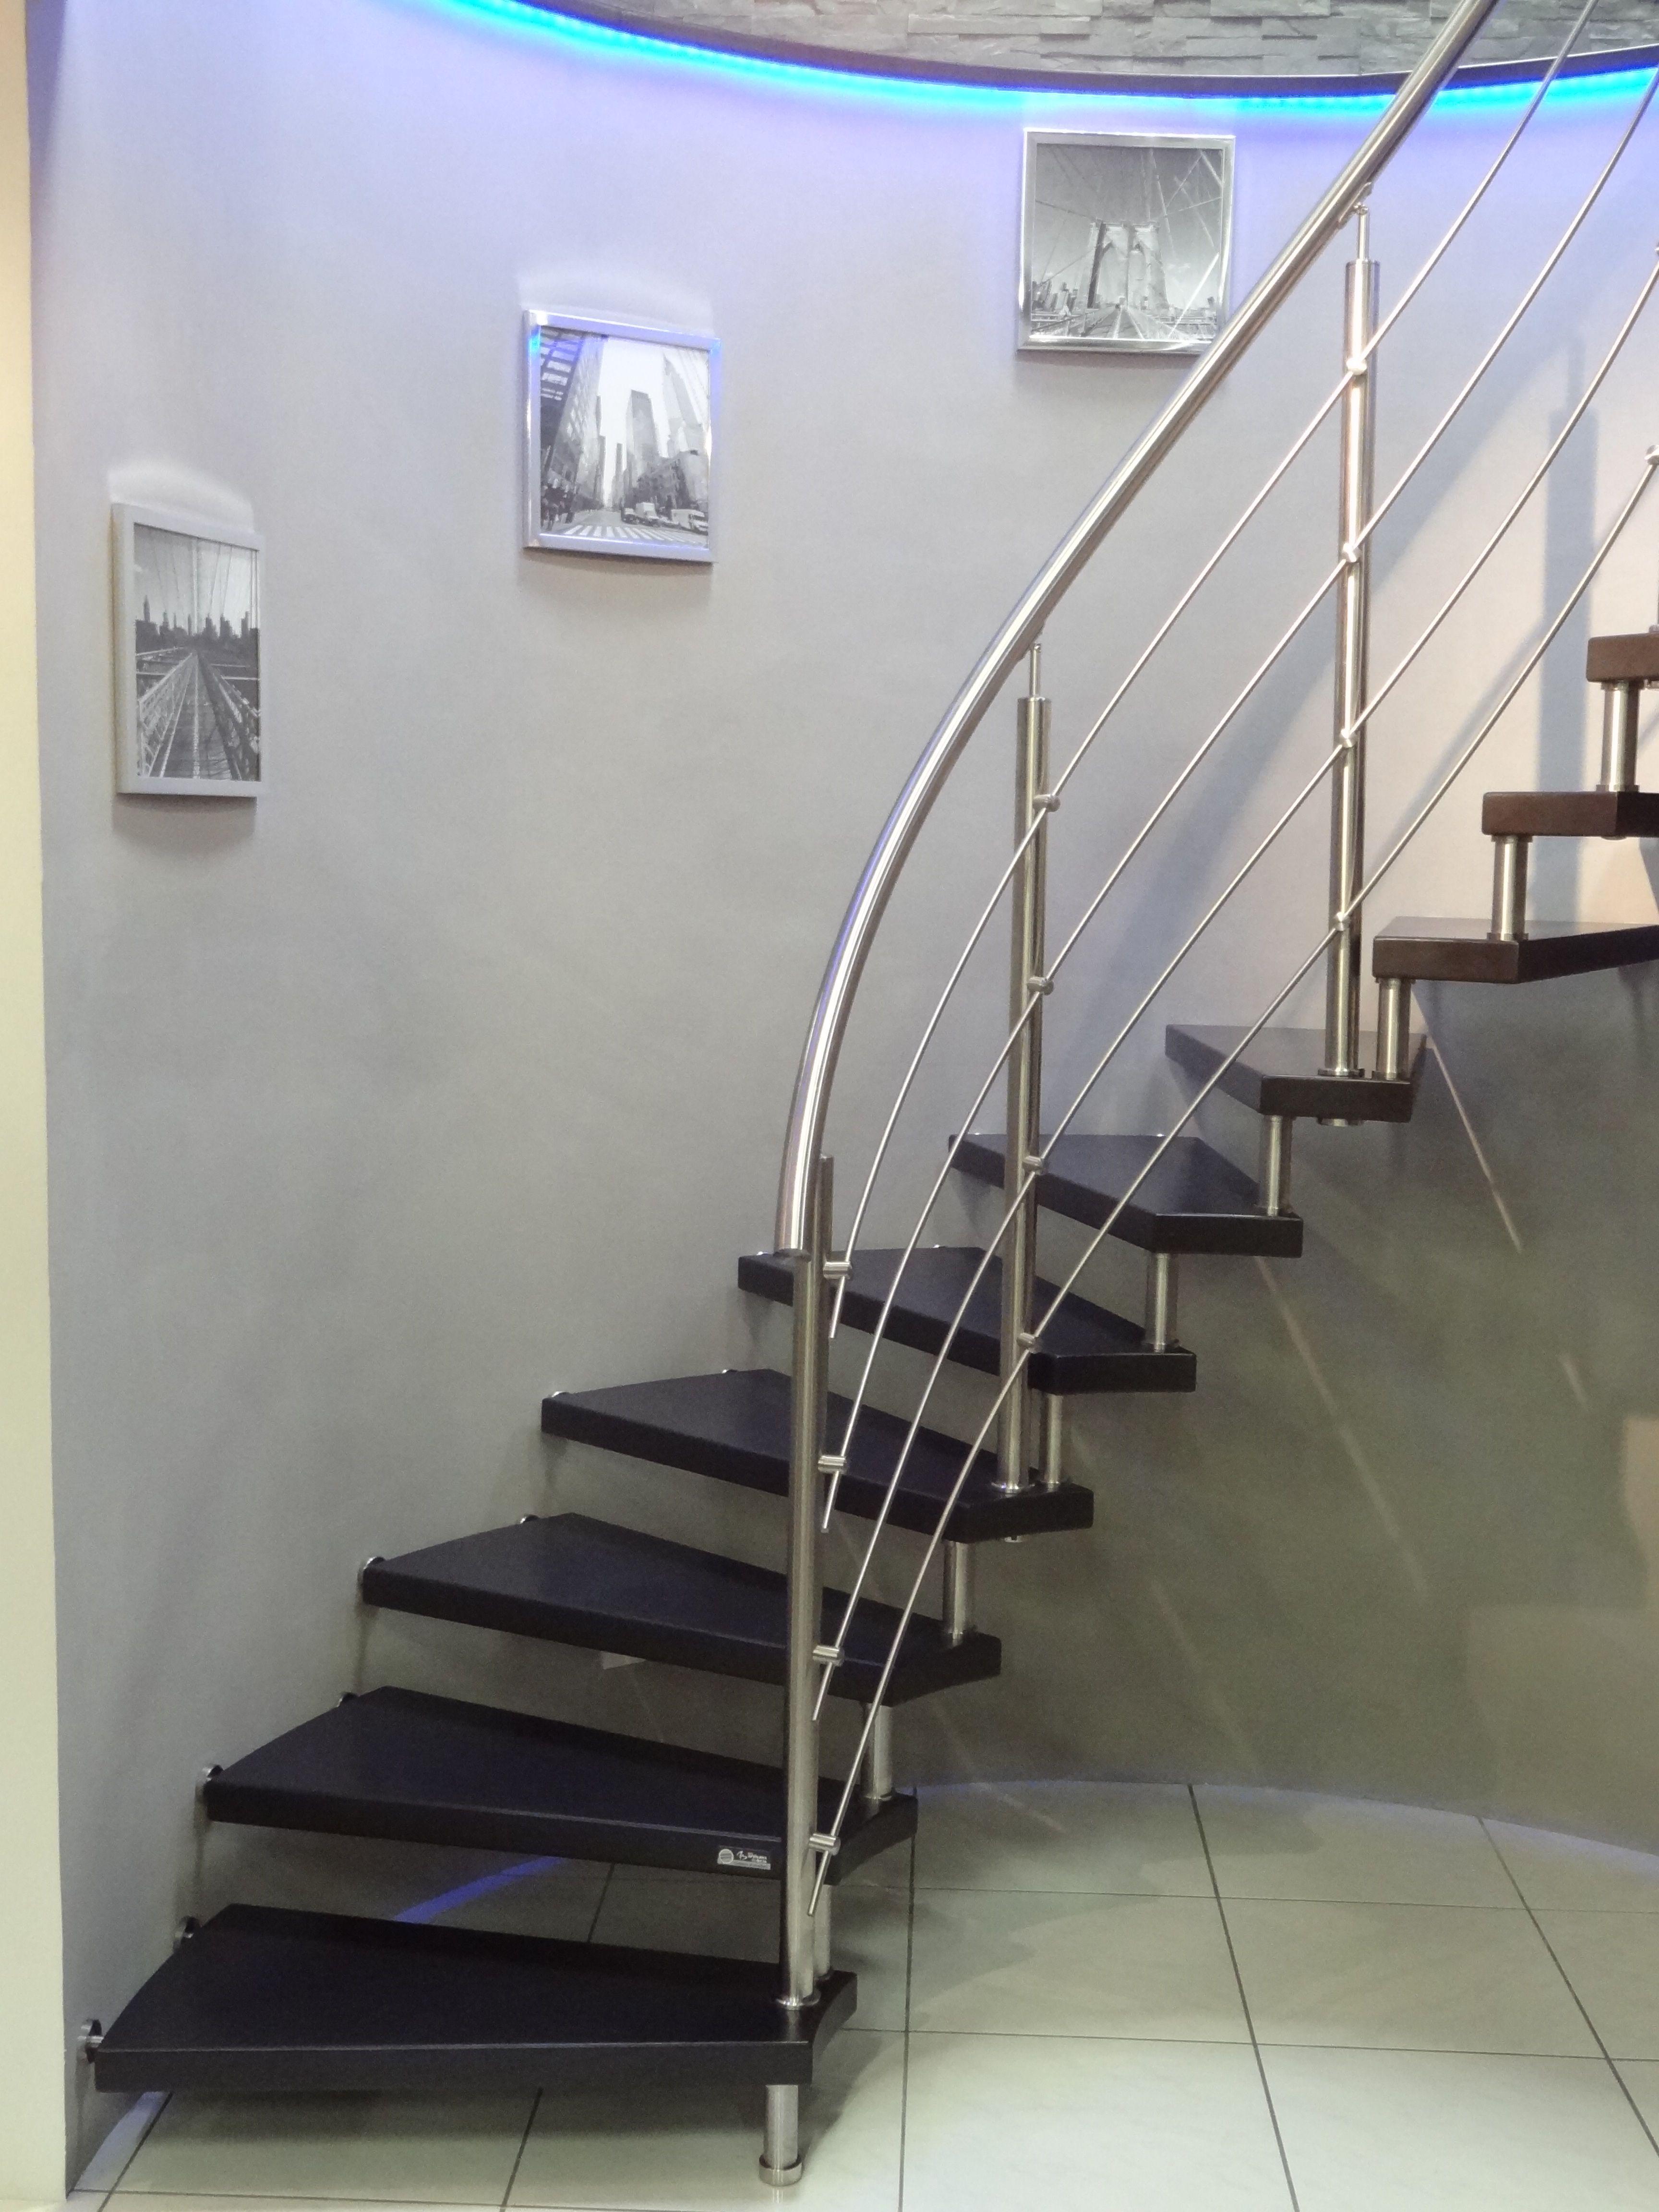 Escalier intérieur design sans contre-marche, main-courante courbe ...